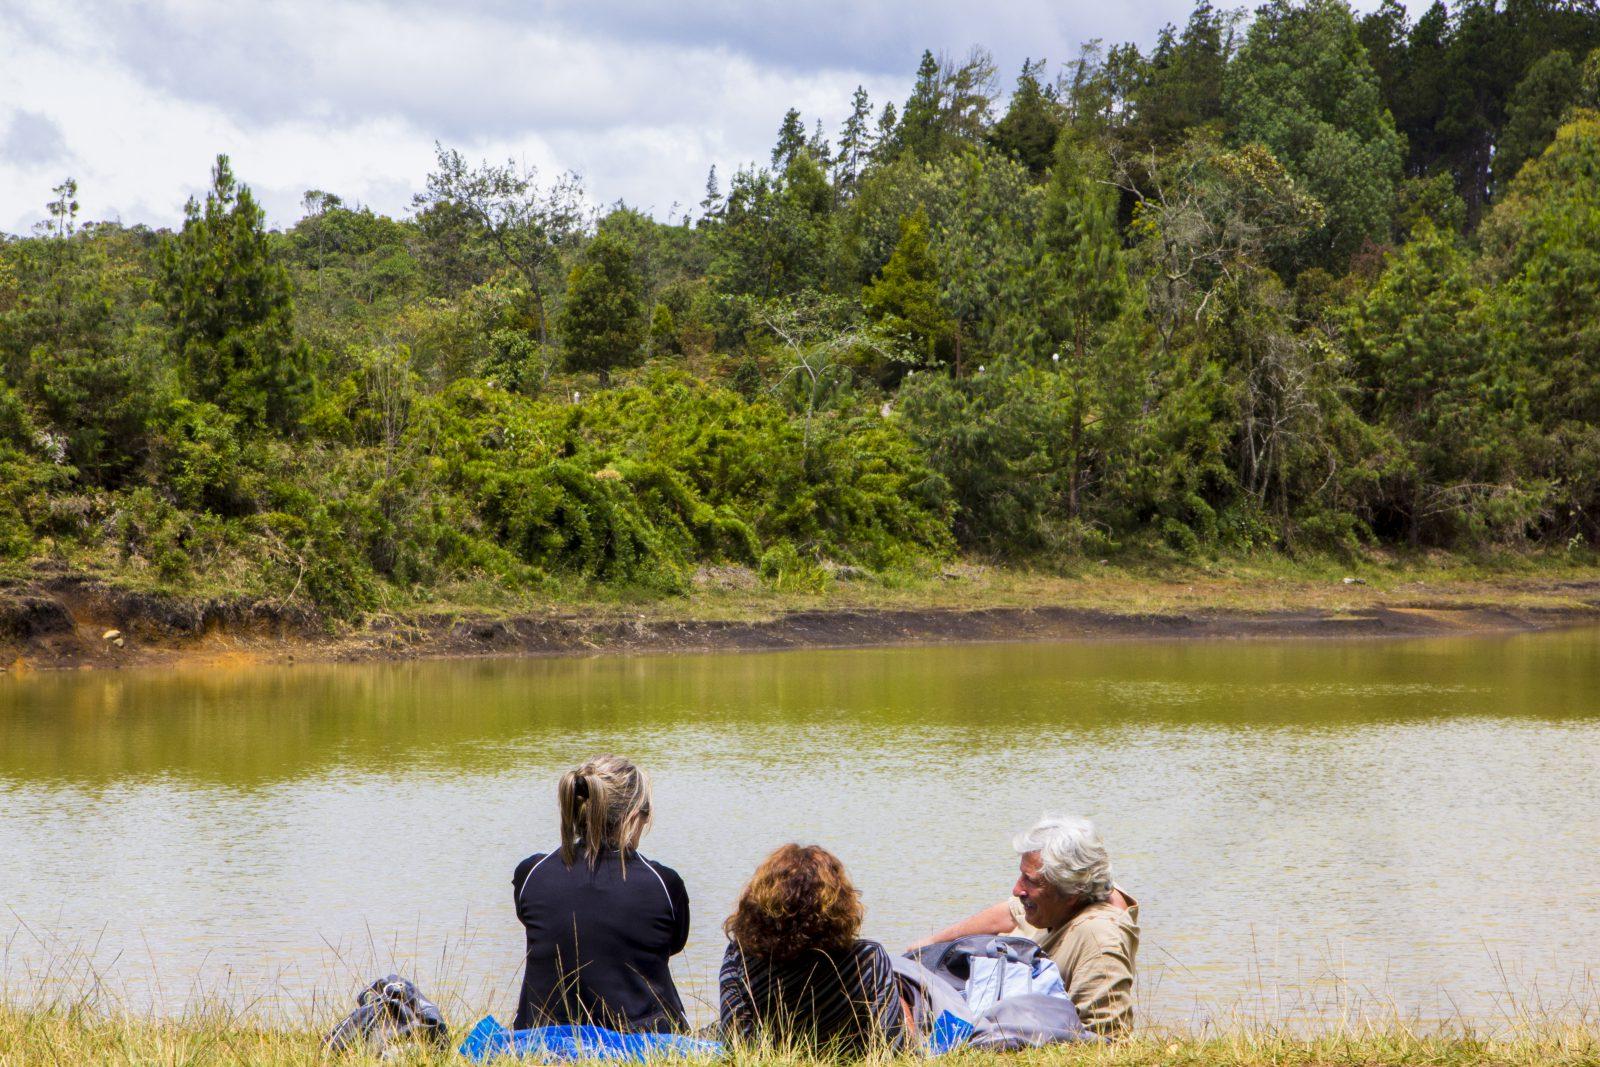 El Parque Ecoturístico Arvi de Medellín cuenta con 16.000 hectáreas, 1.760 de las cuales se encuentran en impecable estado de bosques naturales. Tiene además 54 kilómetros de senderos para caminar.